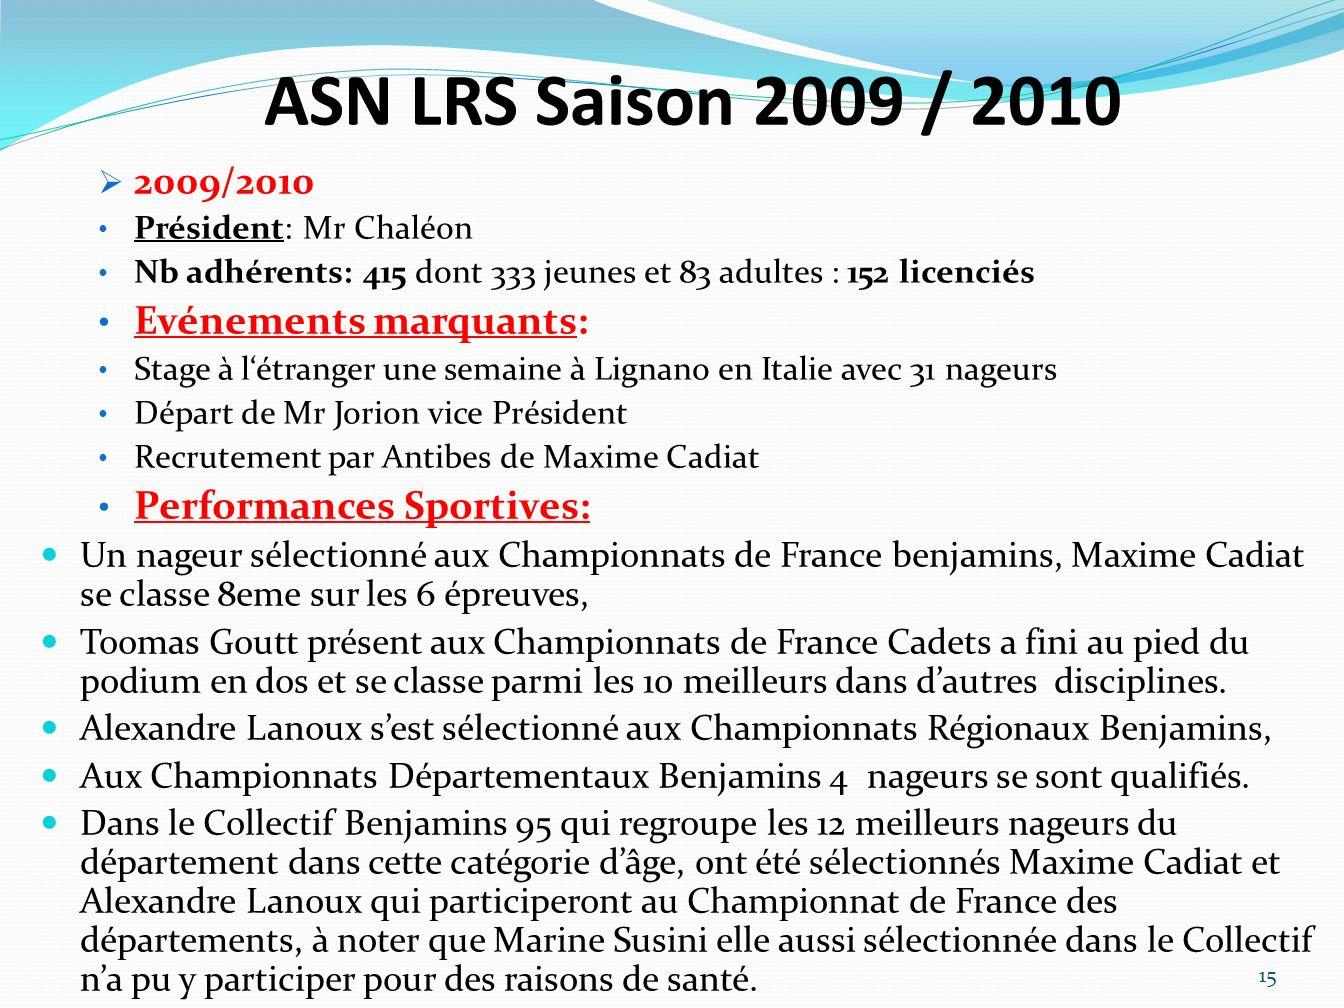 ASN LRS Saison 2009 / 2010 2009/2010 Président: Mr Chaléon Nb adhérents: 415 dont 333 jeunes et 83 adultes : 152 licenciés Evénements marquants: Stage